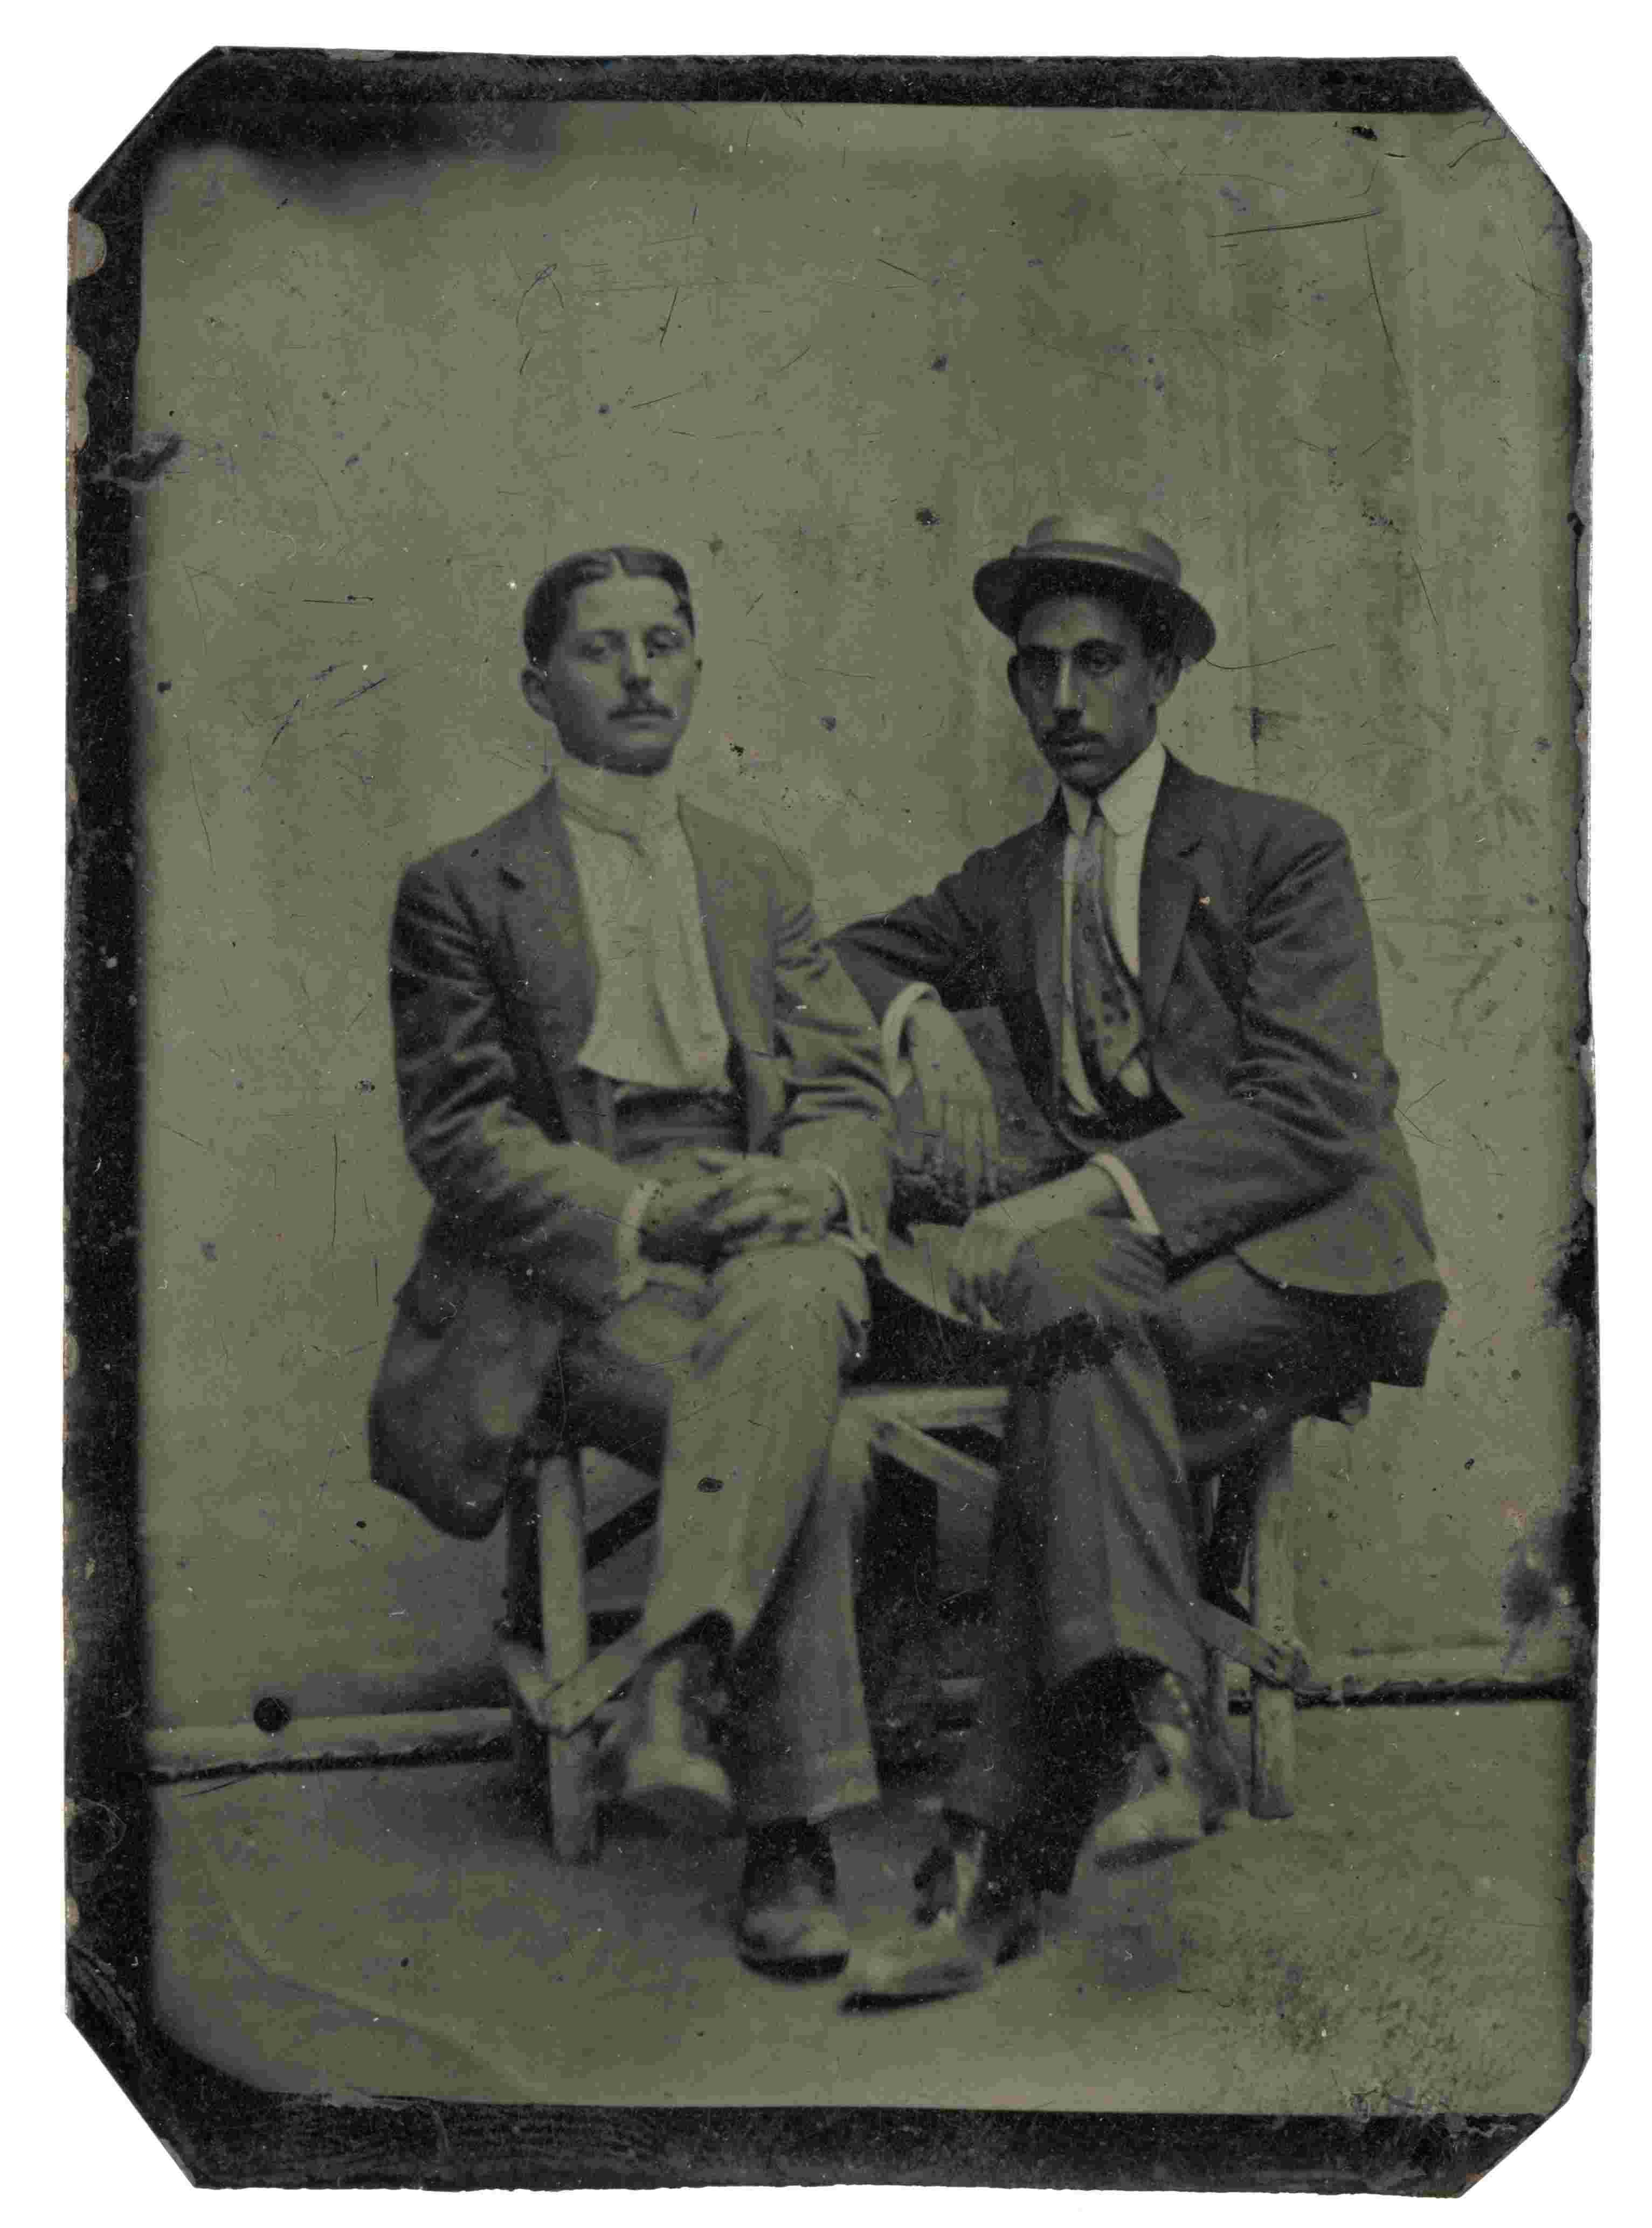 José María Mascort Galibern junto a un amigo